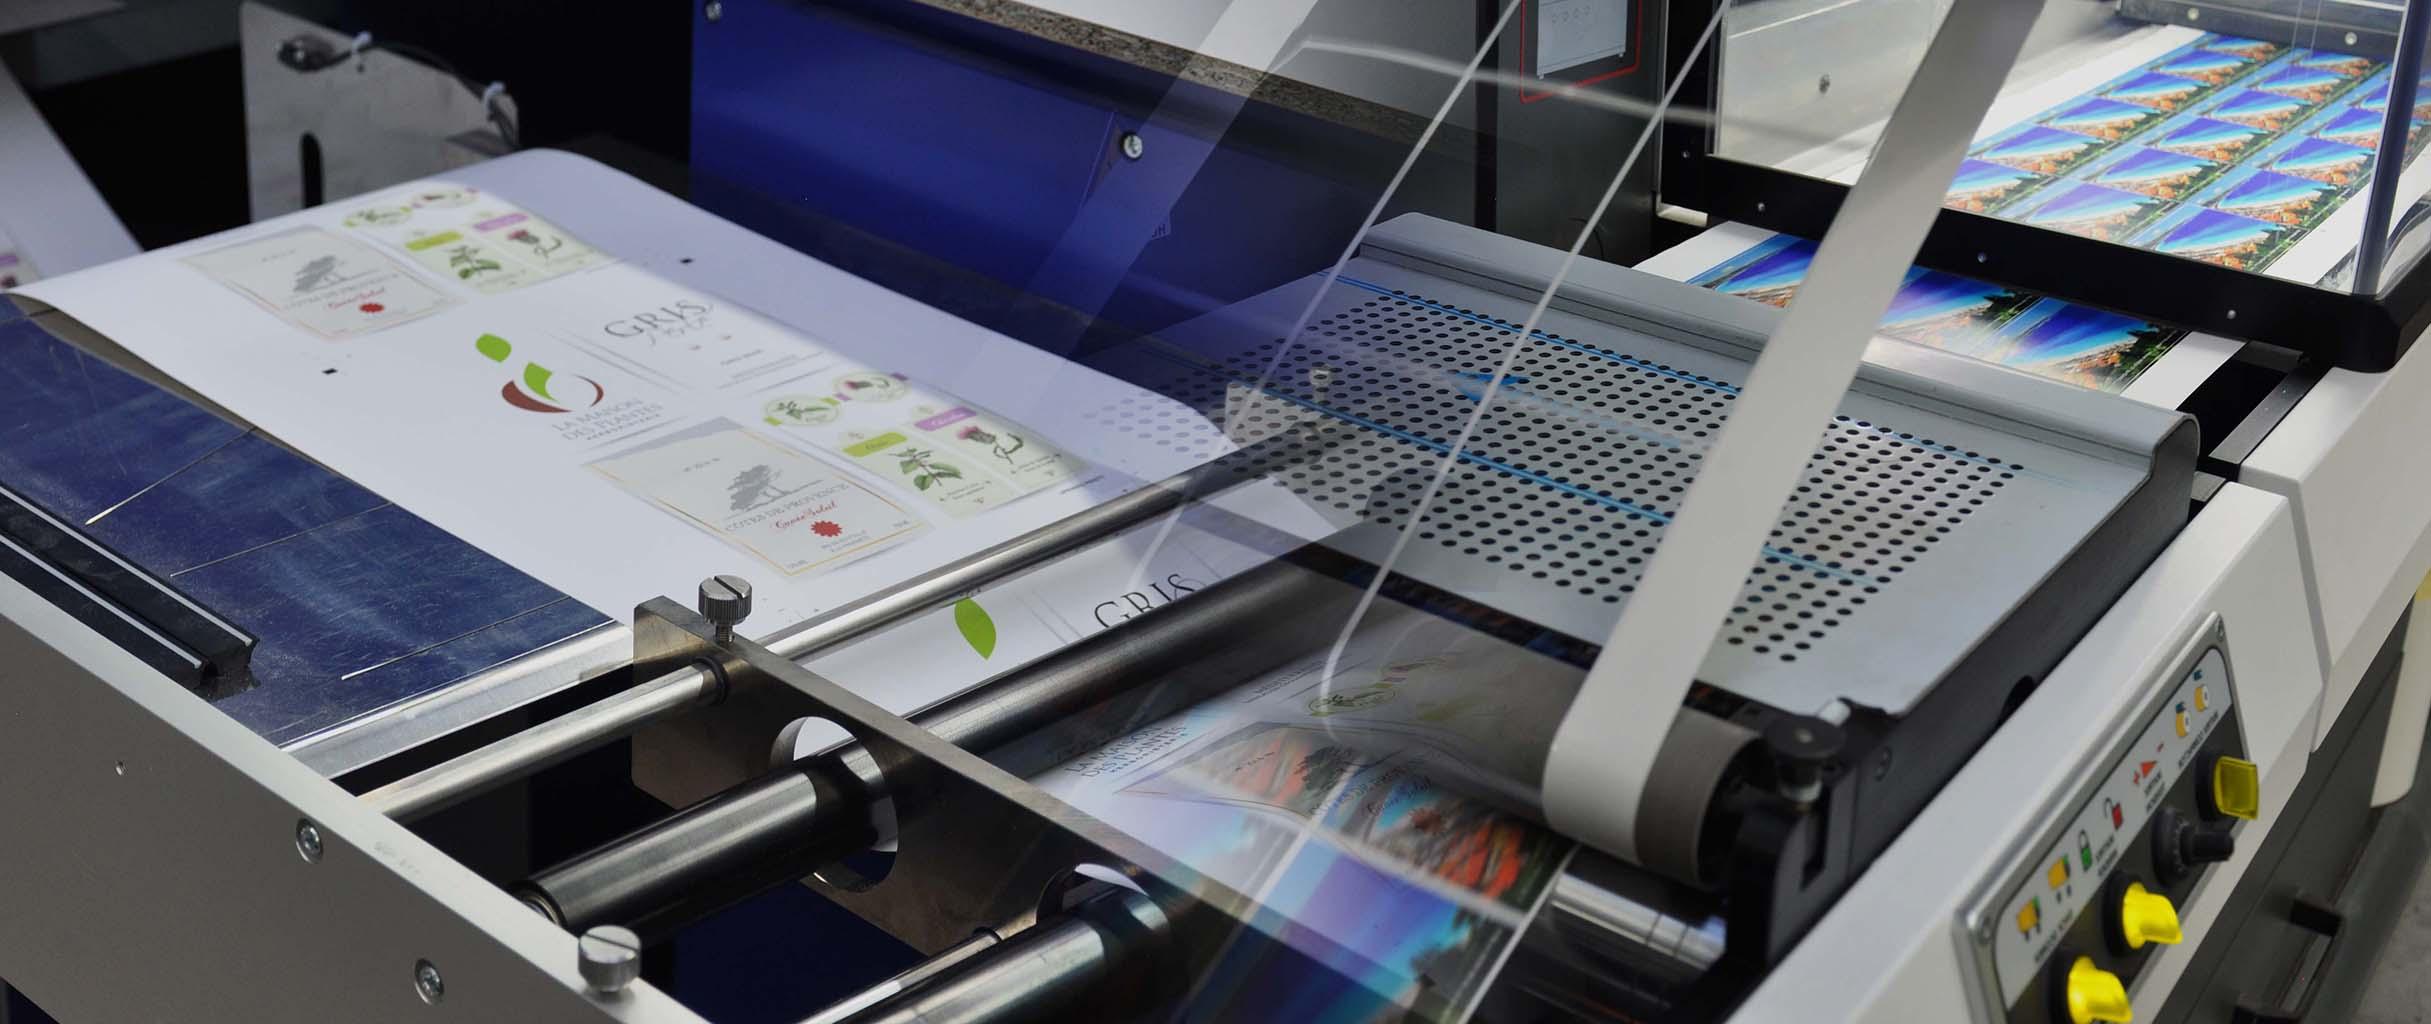 imprimerie pierotti impression numerique nice ouest decoupe laser